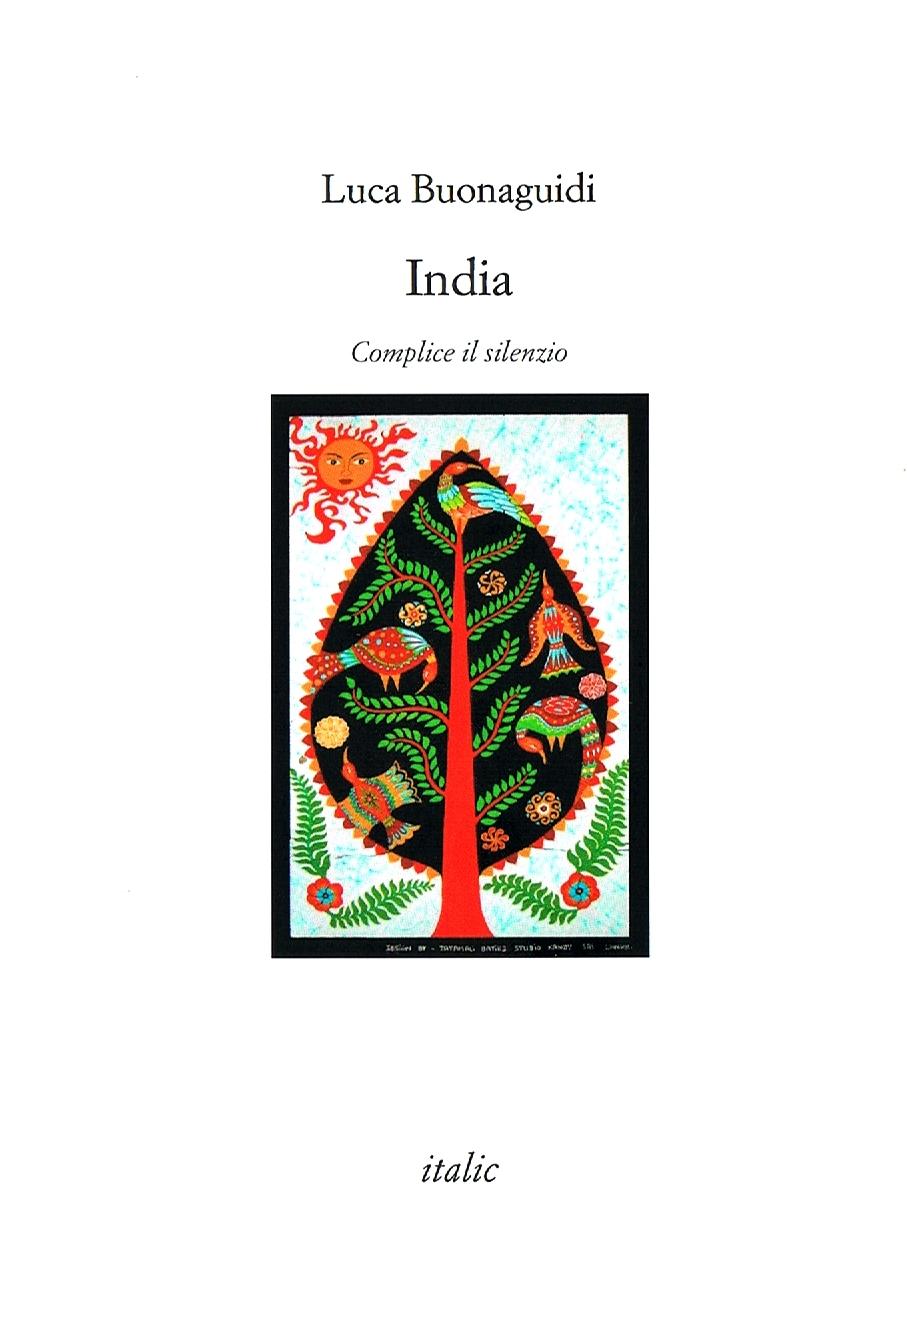 India – Luca Buonaguidi